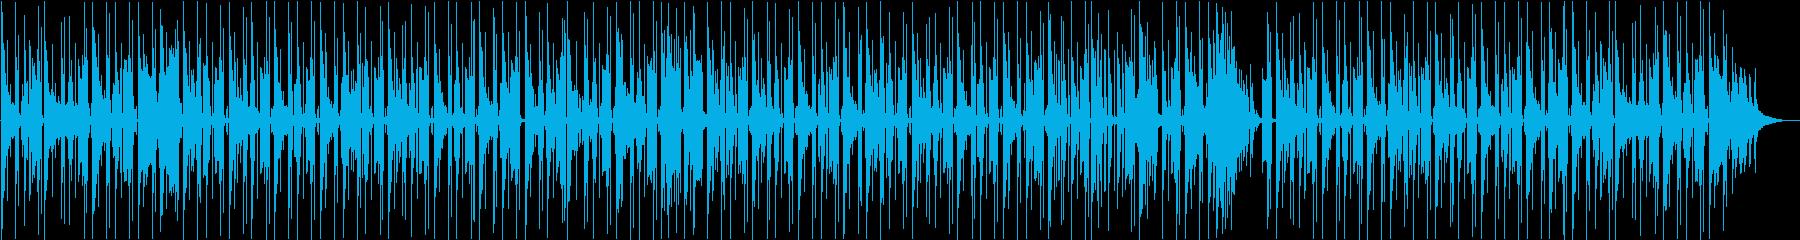 少々ダークな雰囲気のチルホップの再生済みの波形